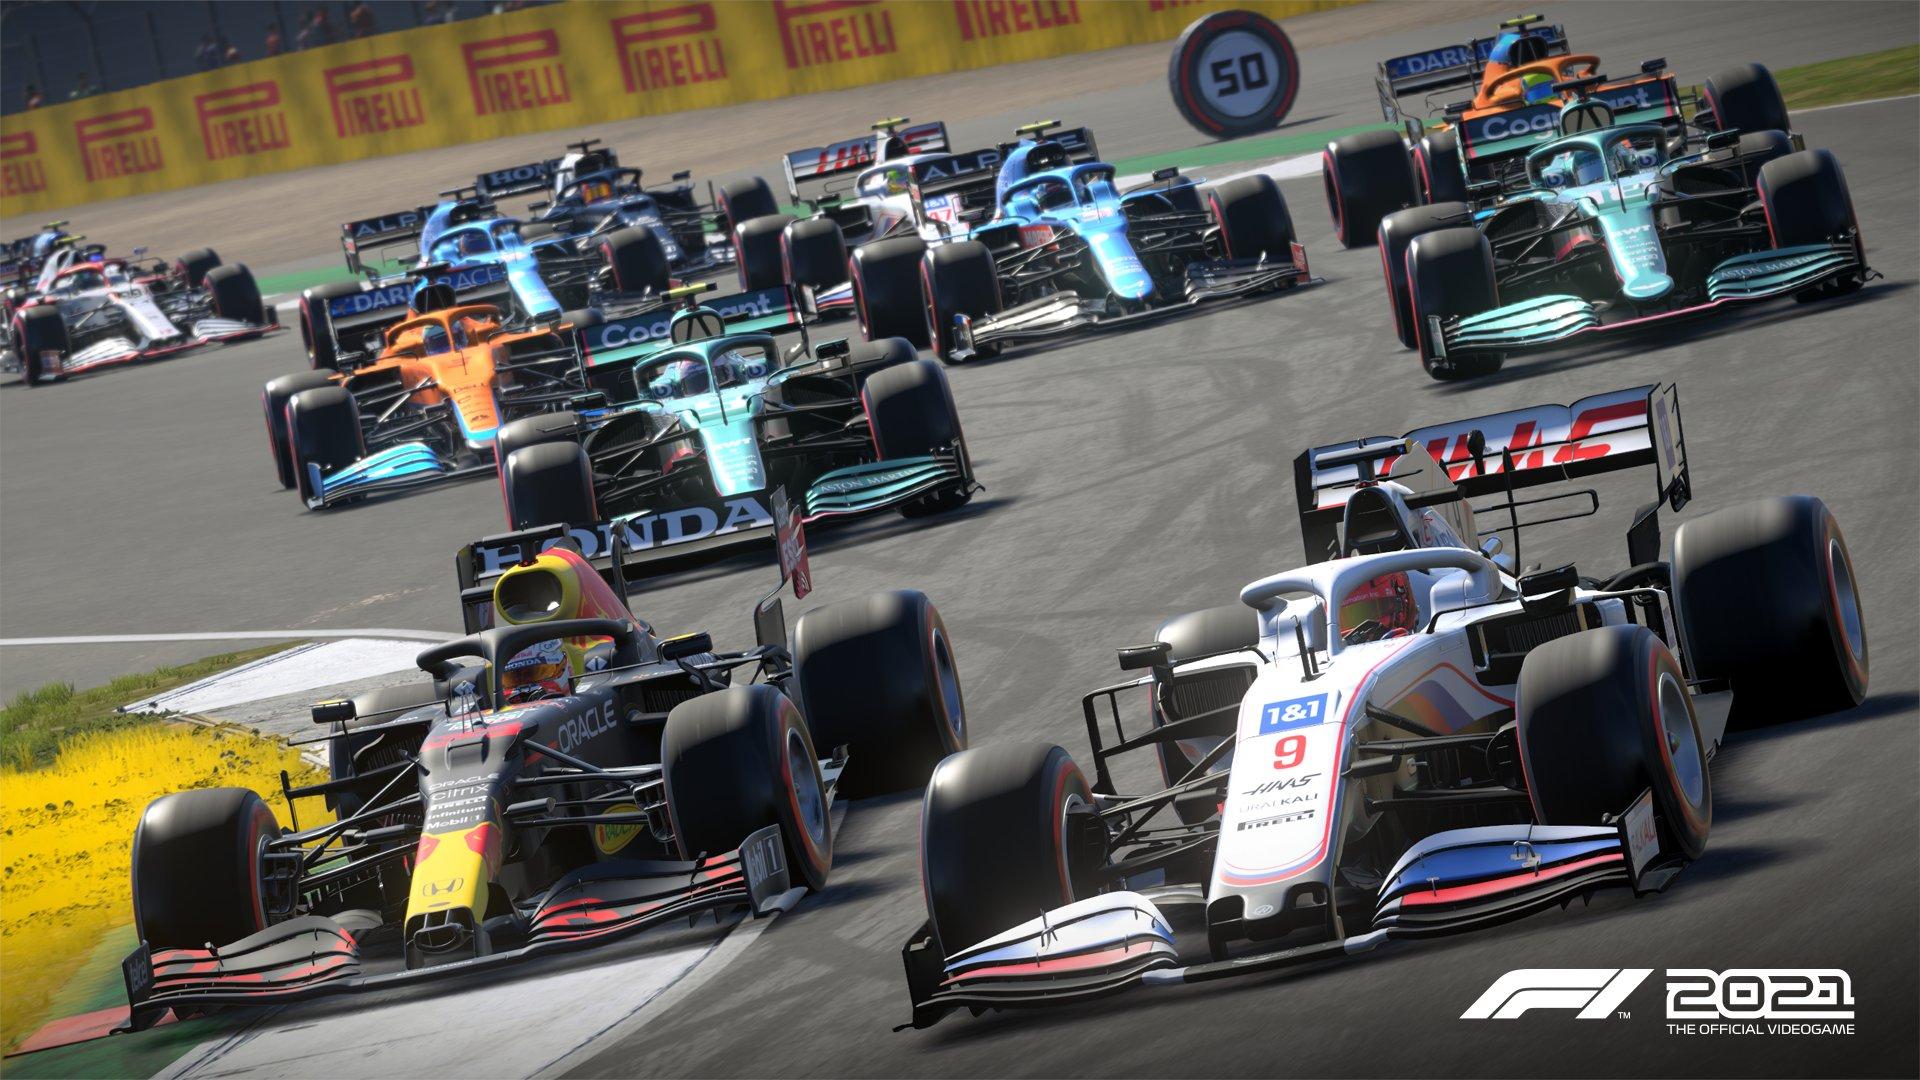 f1 2021 screenshots 15